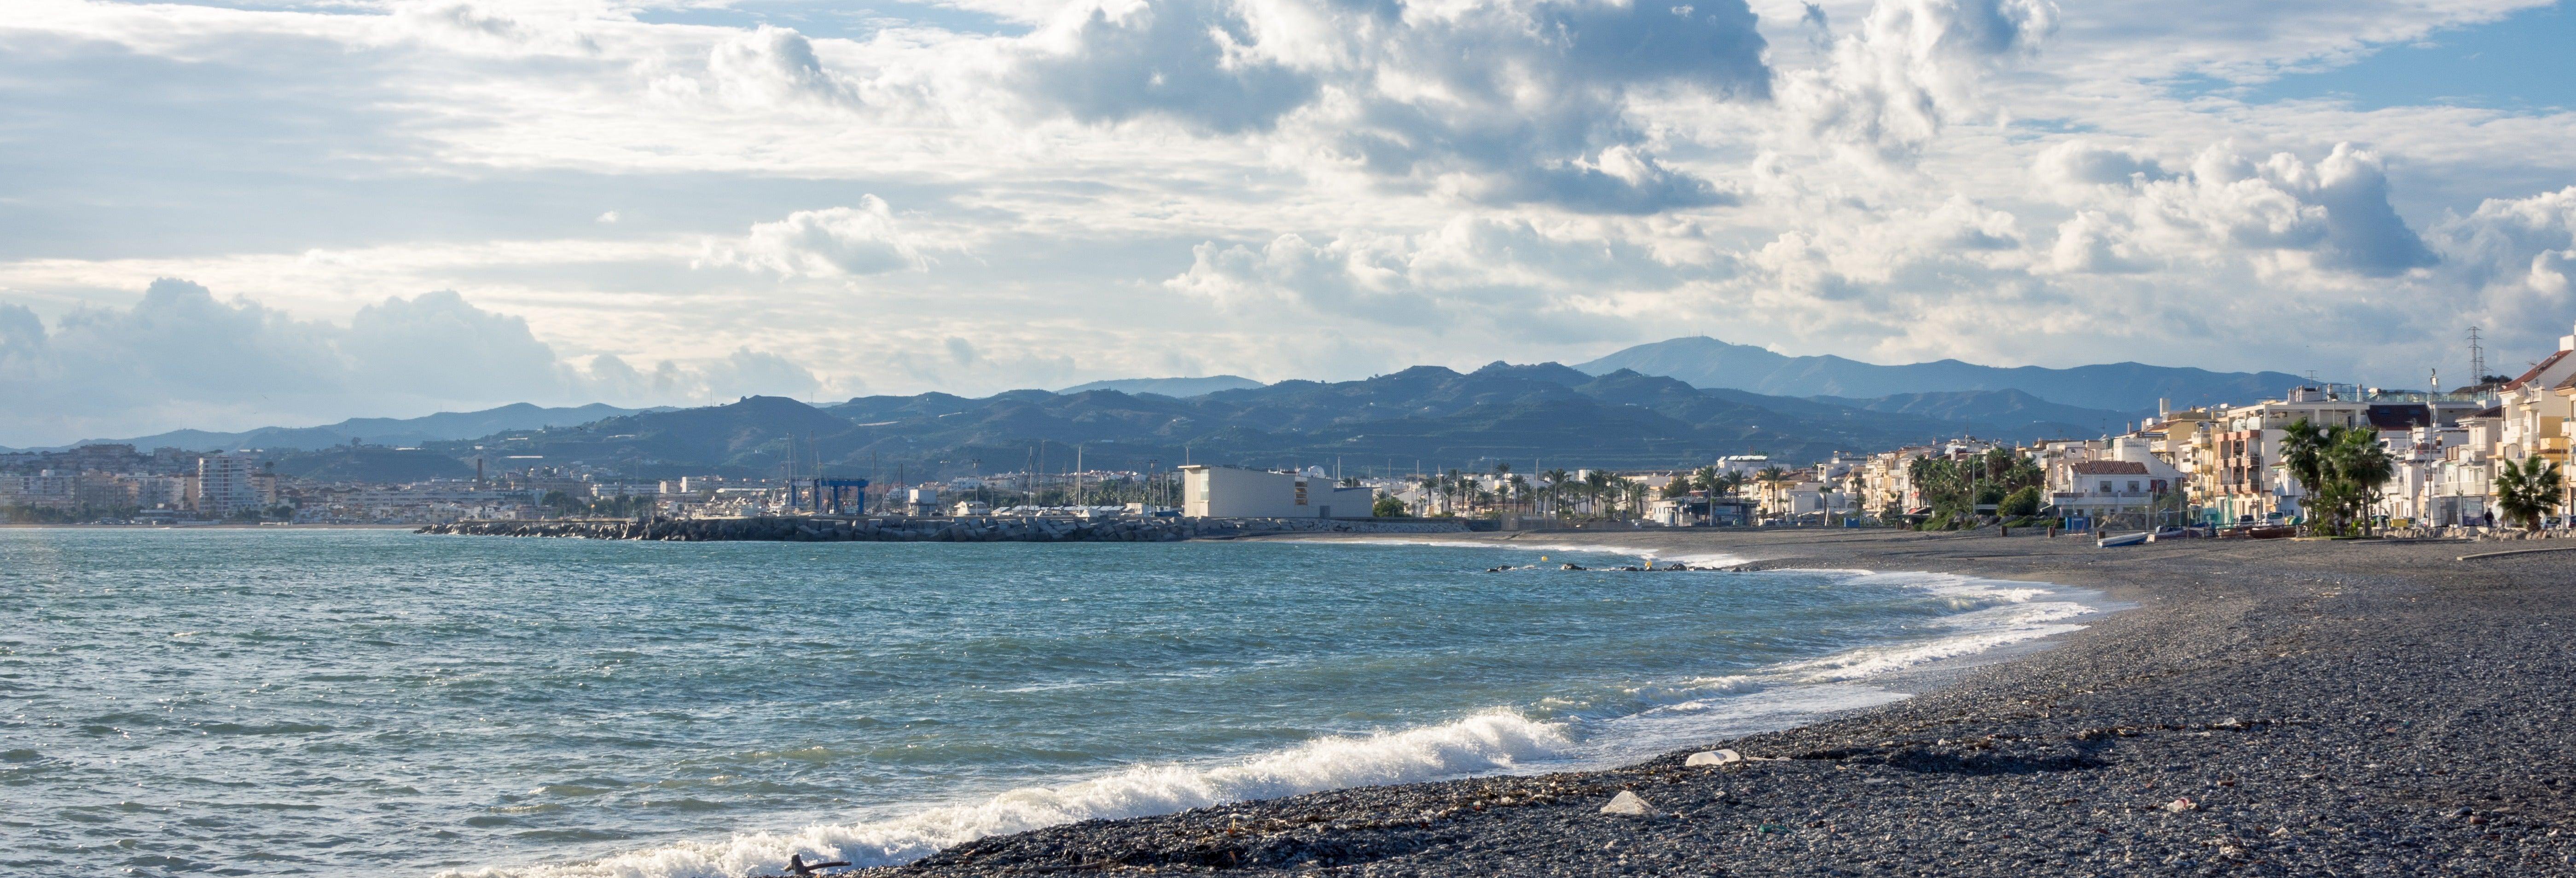 Excursion en bateau à Caleta de Velez